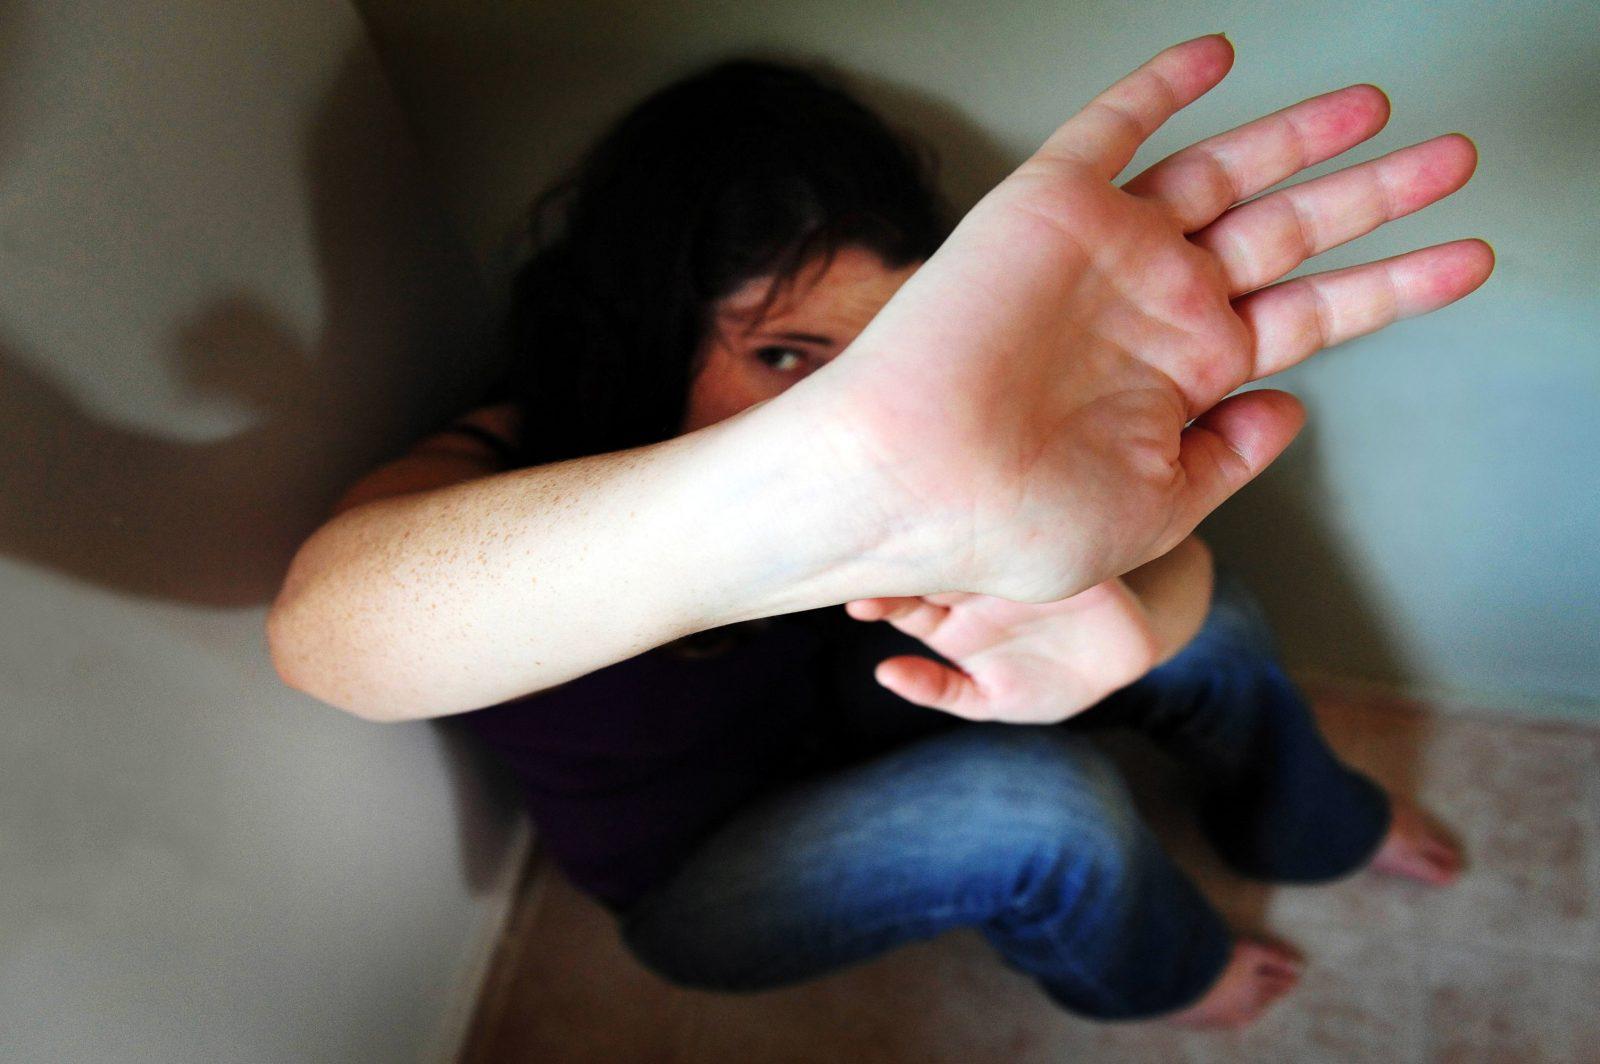 Violence conjugale: les demandes d'aide explosent